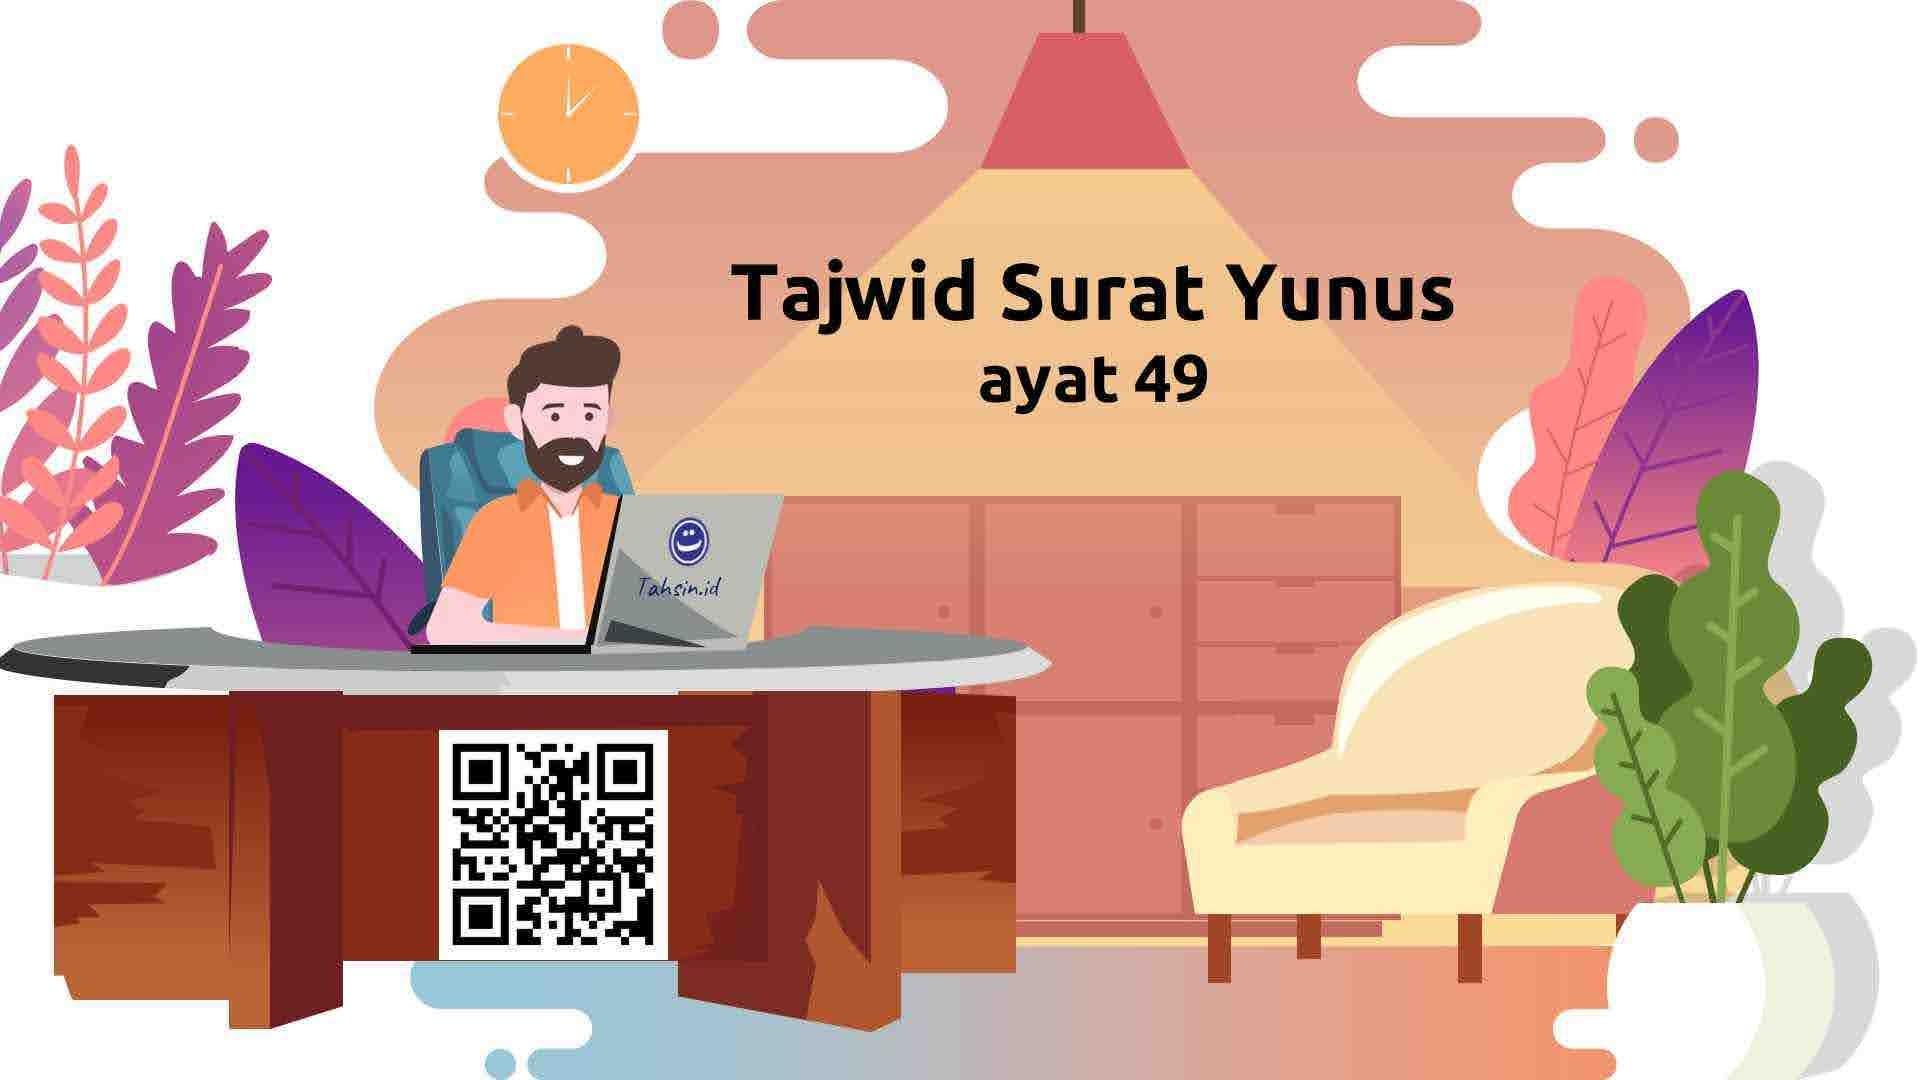 tajwid-surat-yunus-ayat-49